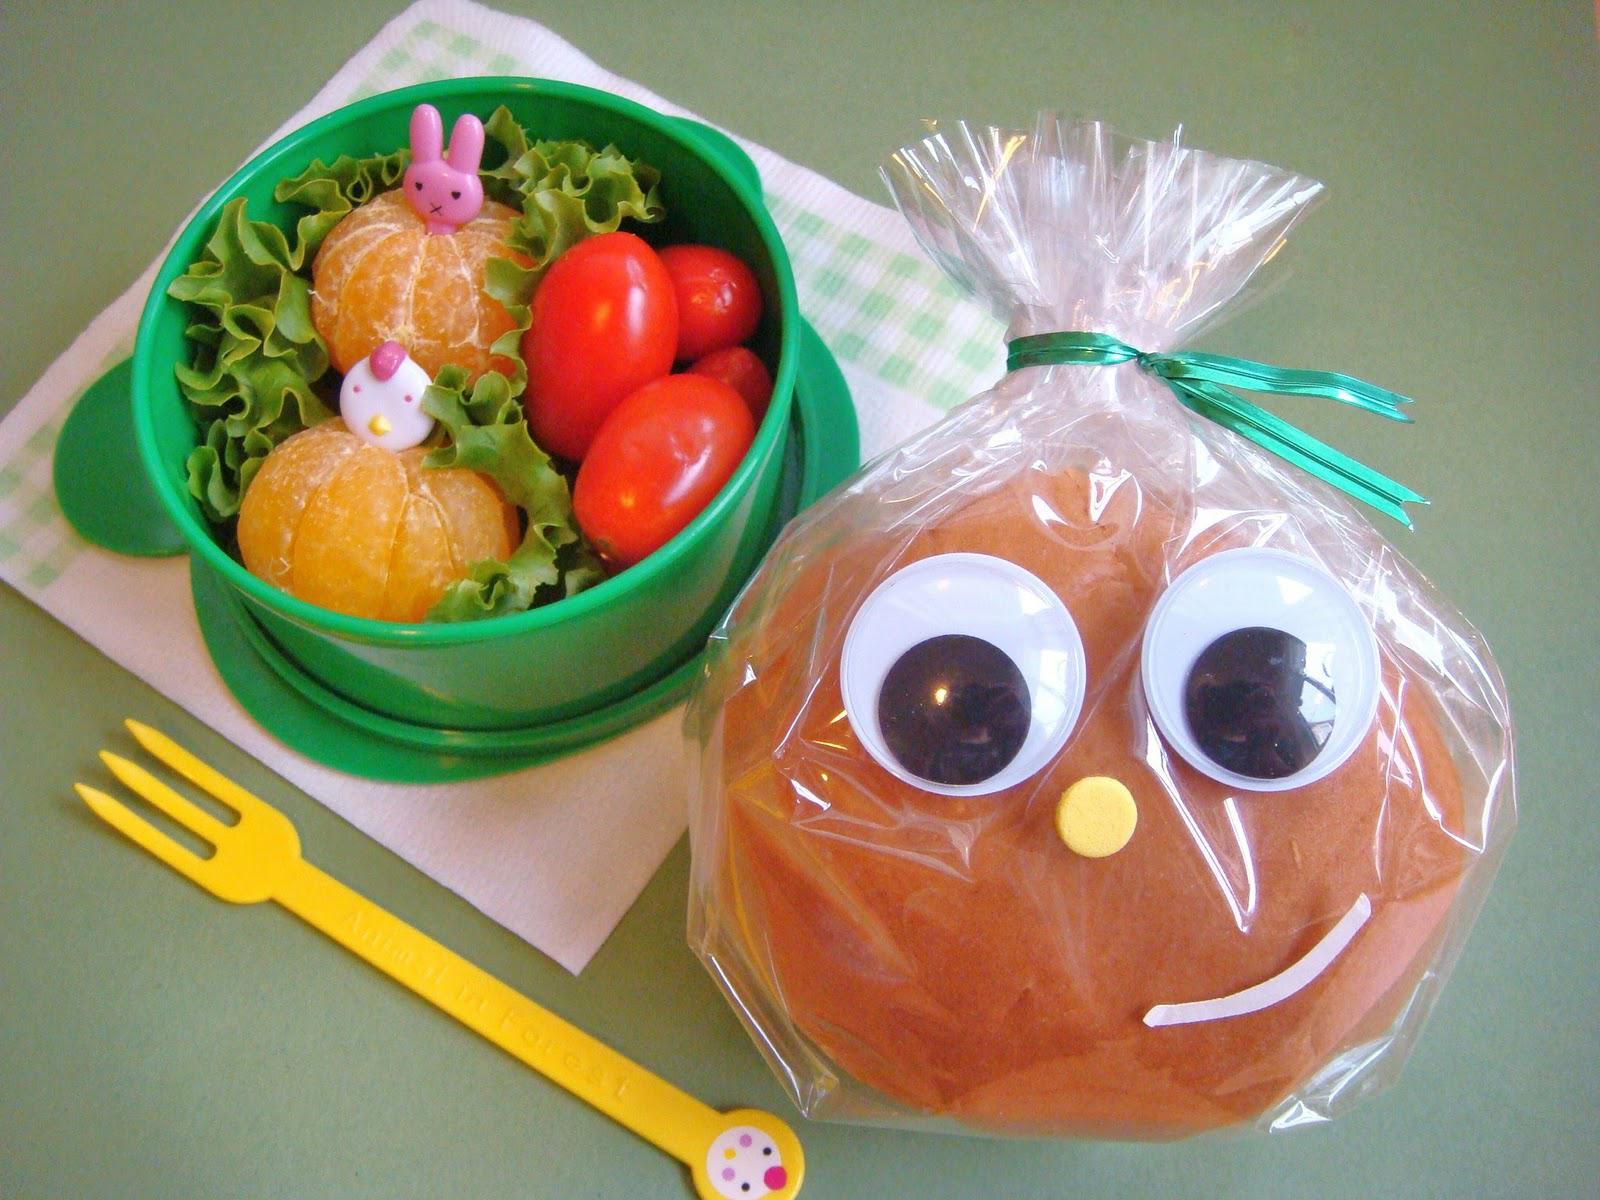 بالصور طعام الاطفال , الاكلات المفيه لصحه طفلك 1373 1